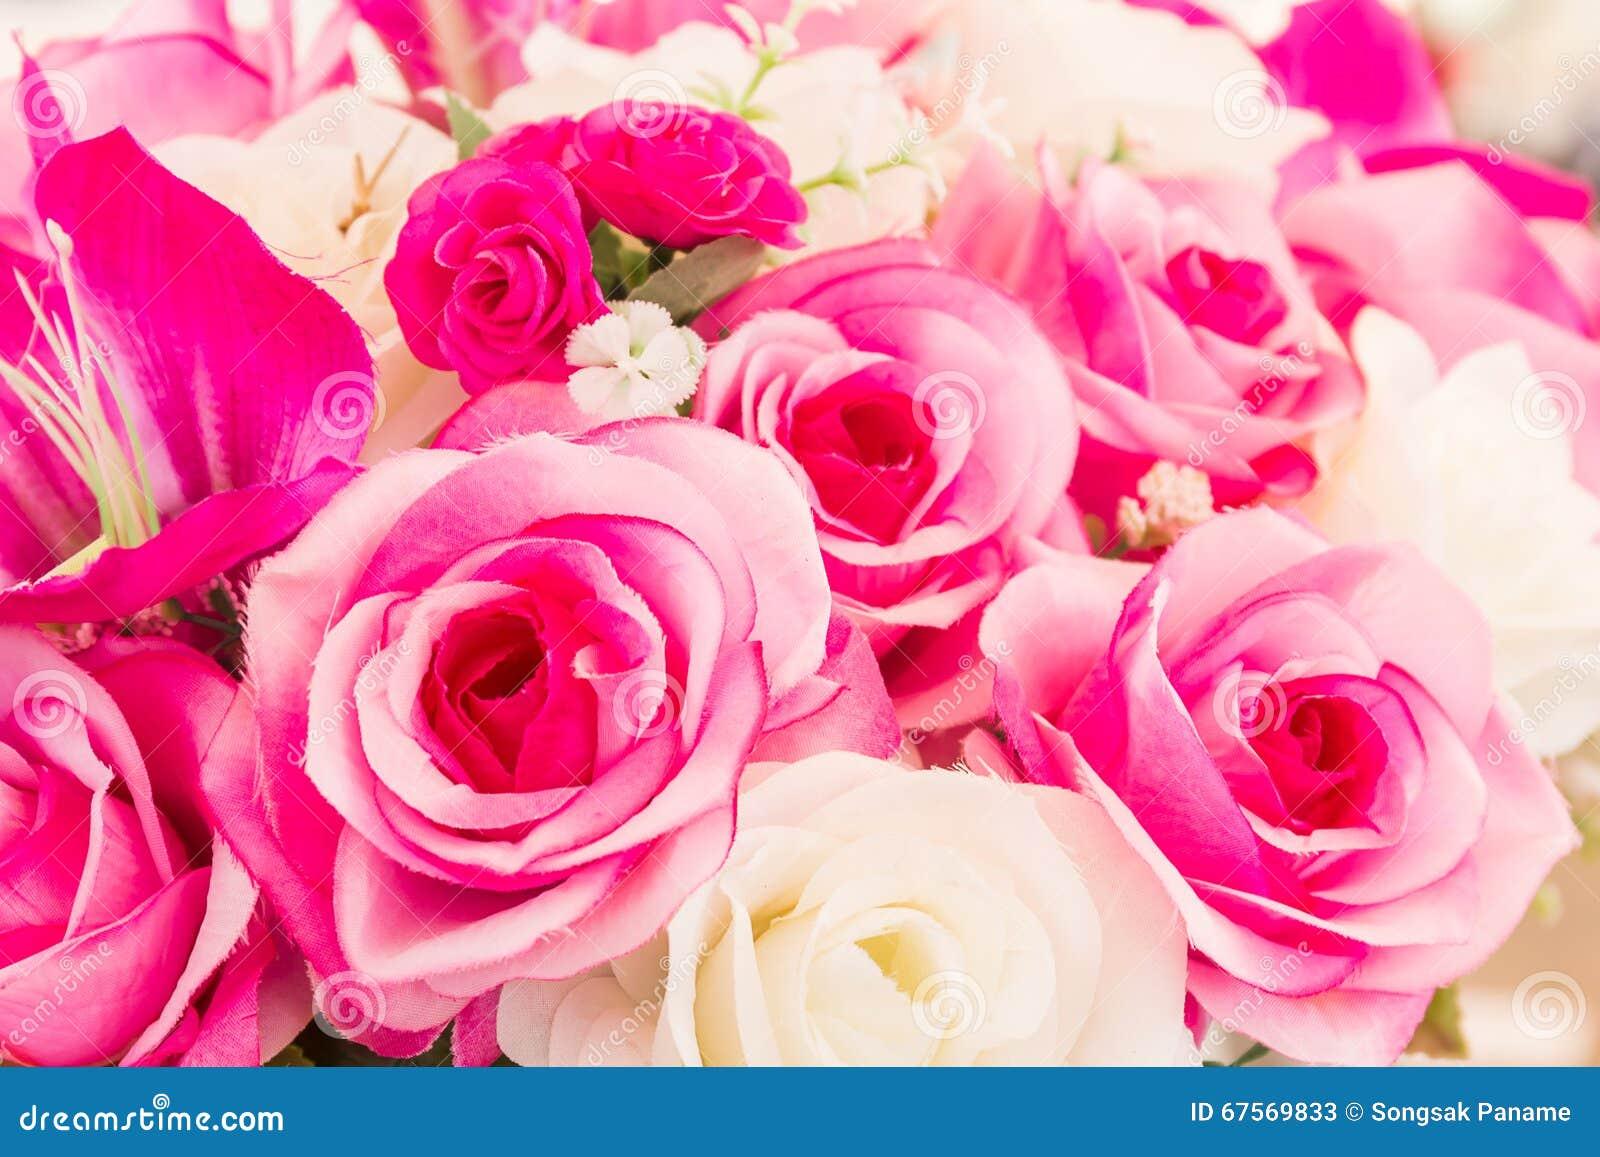 la couture faite main fausse de fleur rose et blanche fleurit